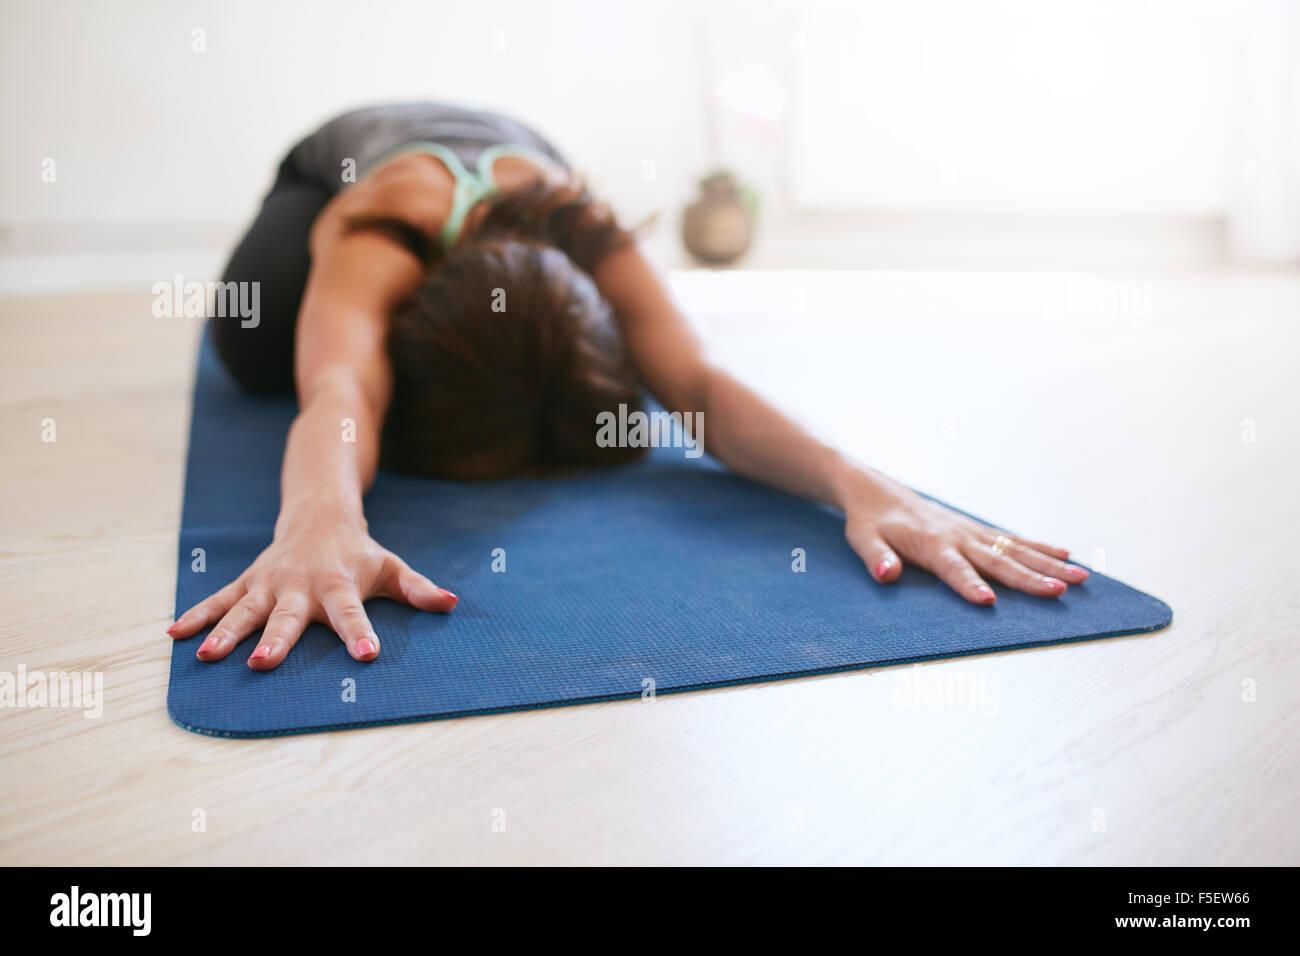 Mujer haciendo ejercicios de estiramiento en el fitness mat. Colocar mujeres realizar yoga en colchoneta de ejercicios Imagen De Stock